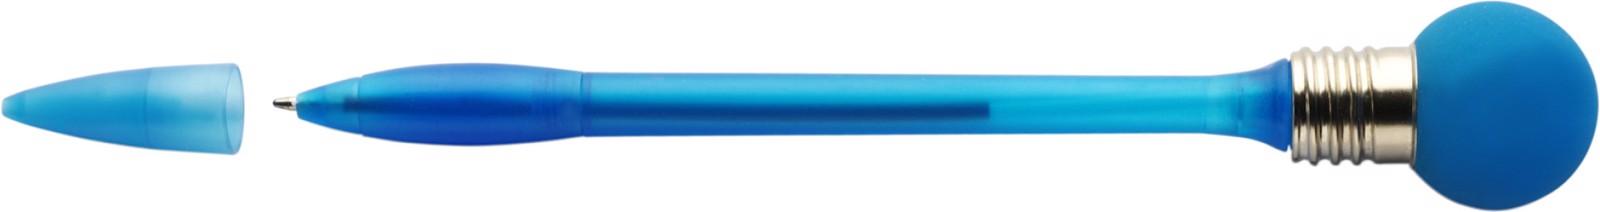 Plastic ballpen - Light Blue